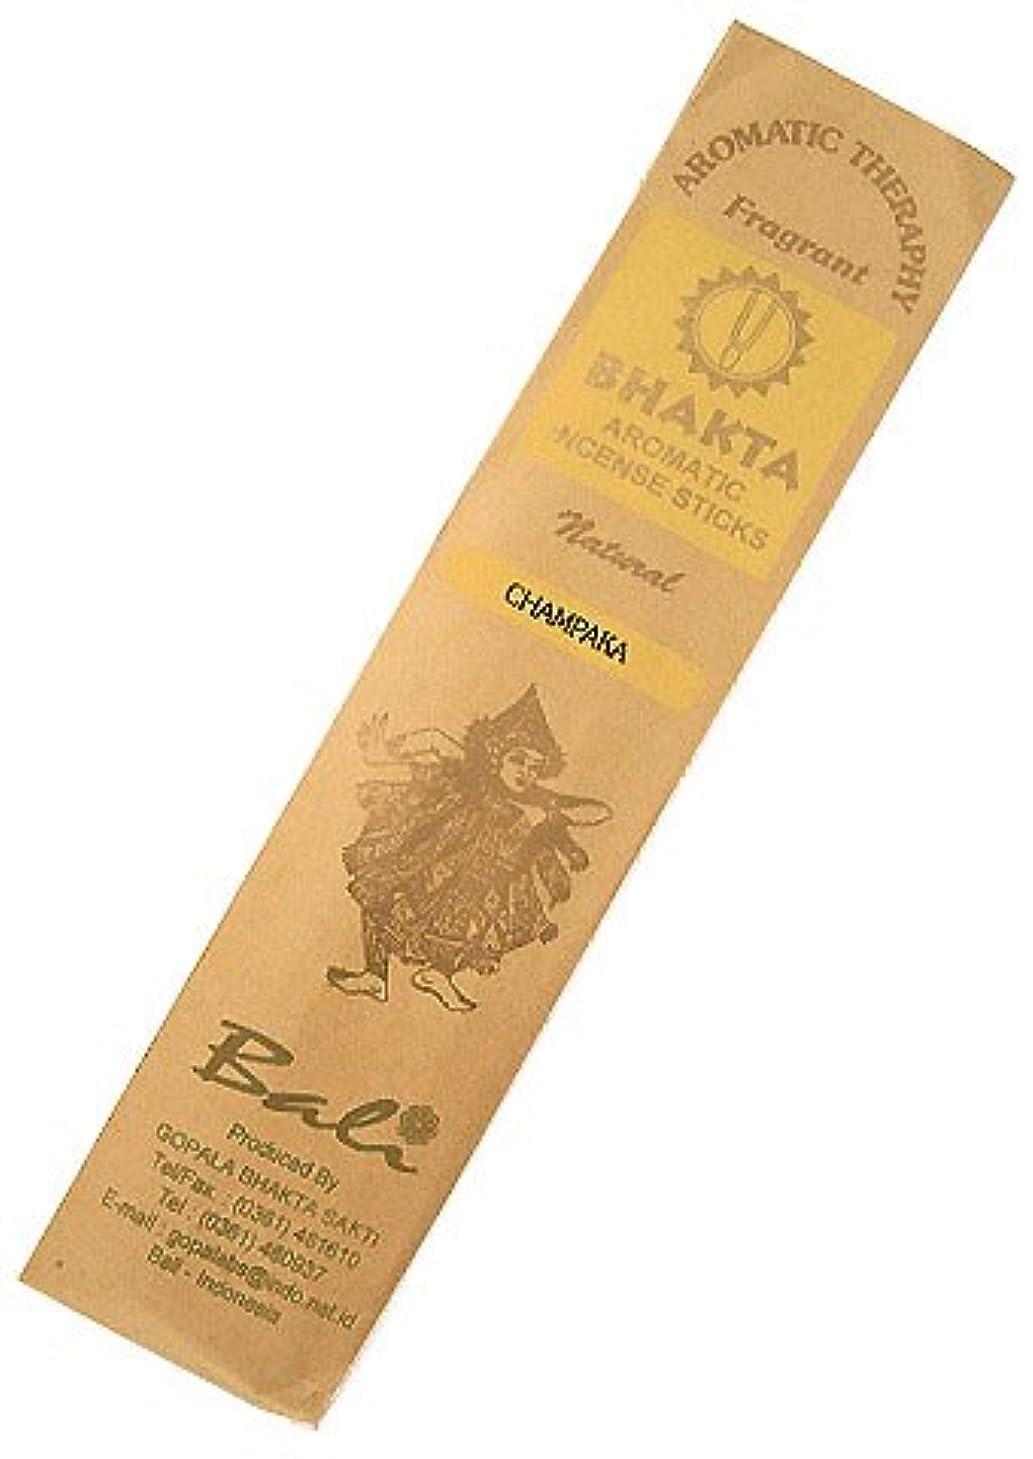 減少植物のタッチお香 BHAKTA ナチュラル スティック 香(チャンパカ) 【ロングタイプ インセンス】 インドネシア?バリ島のお香